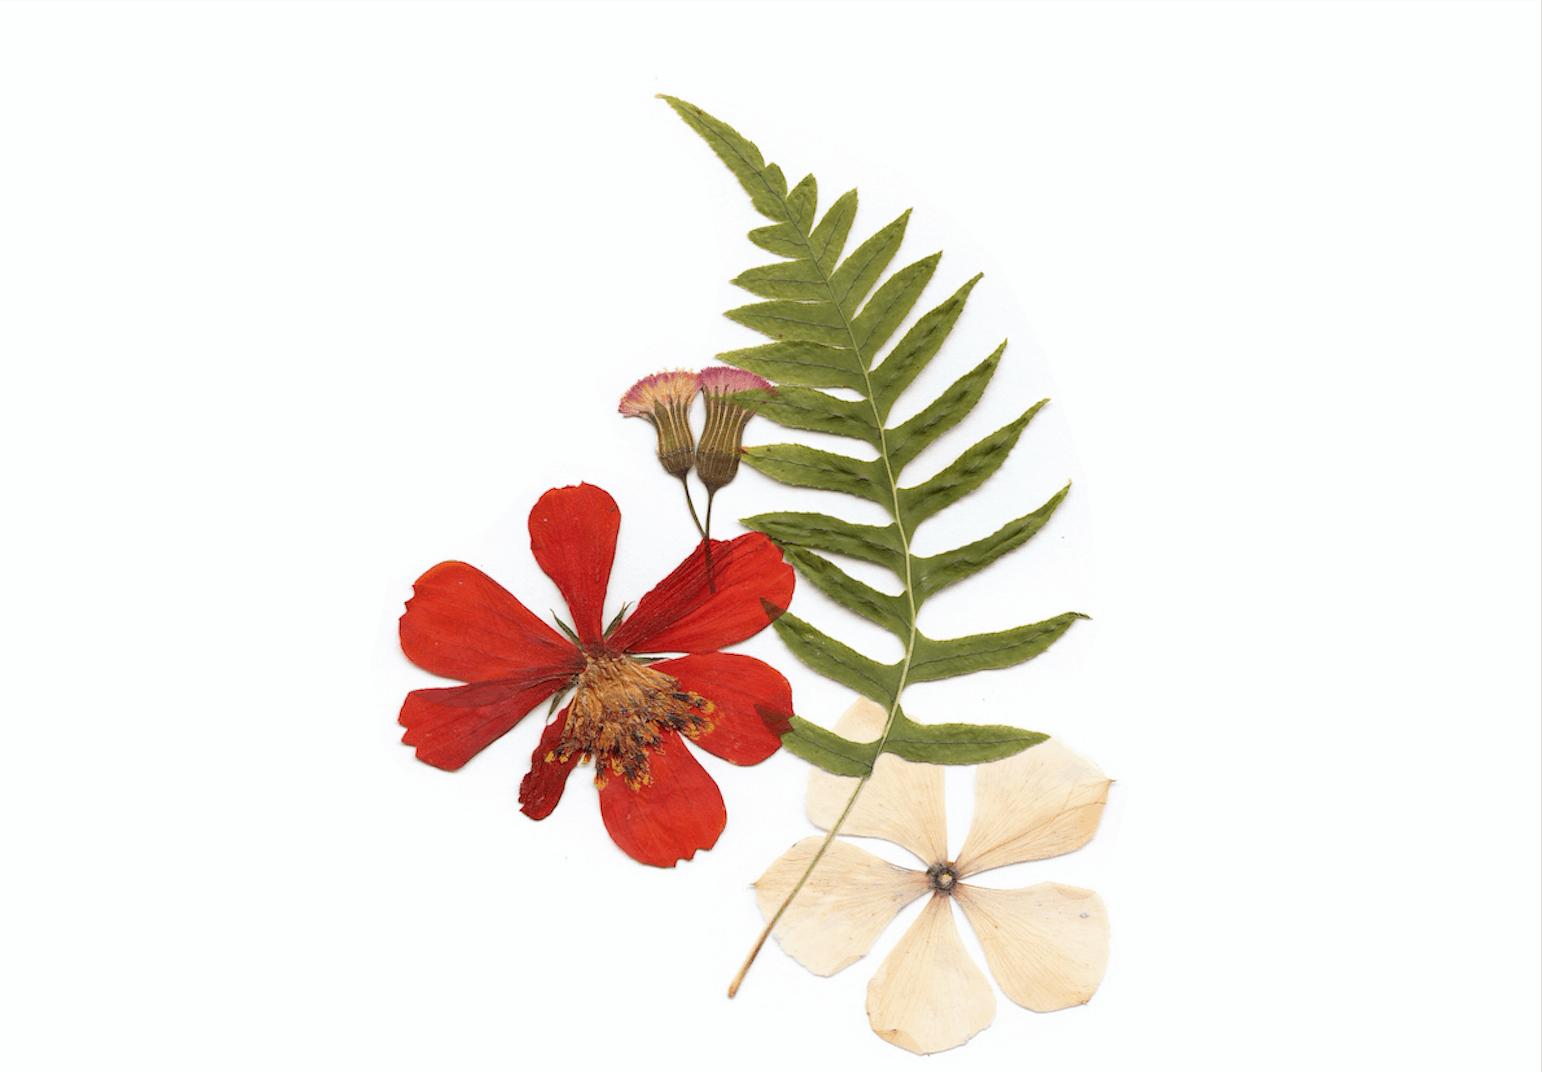 How To Make A Flower Press And Dry Flowers Georgiapellegrini Com